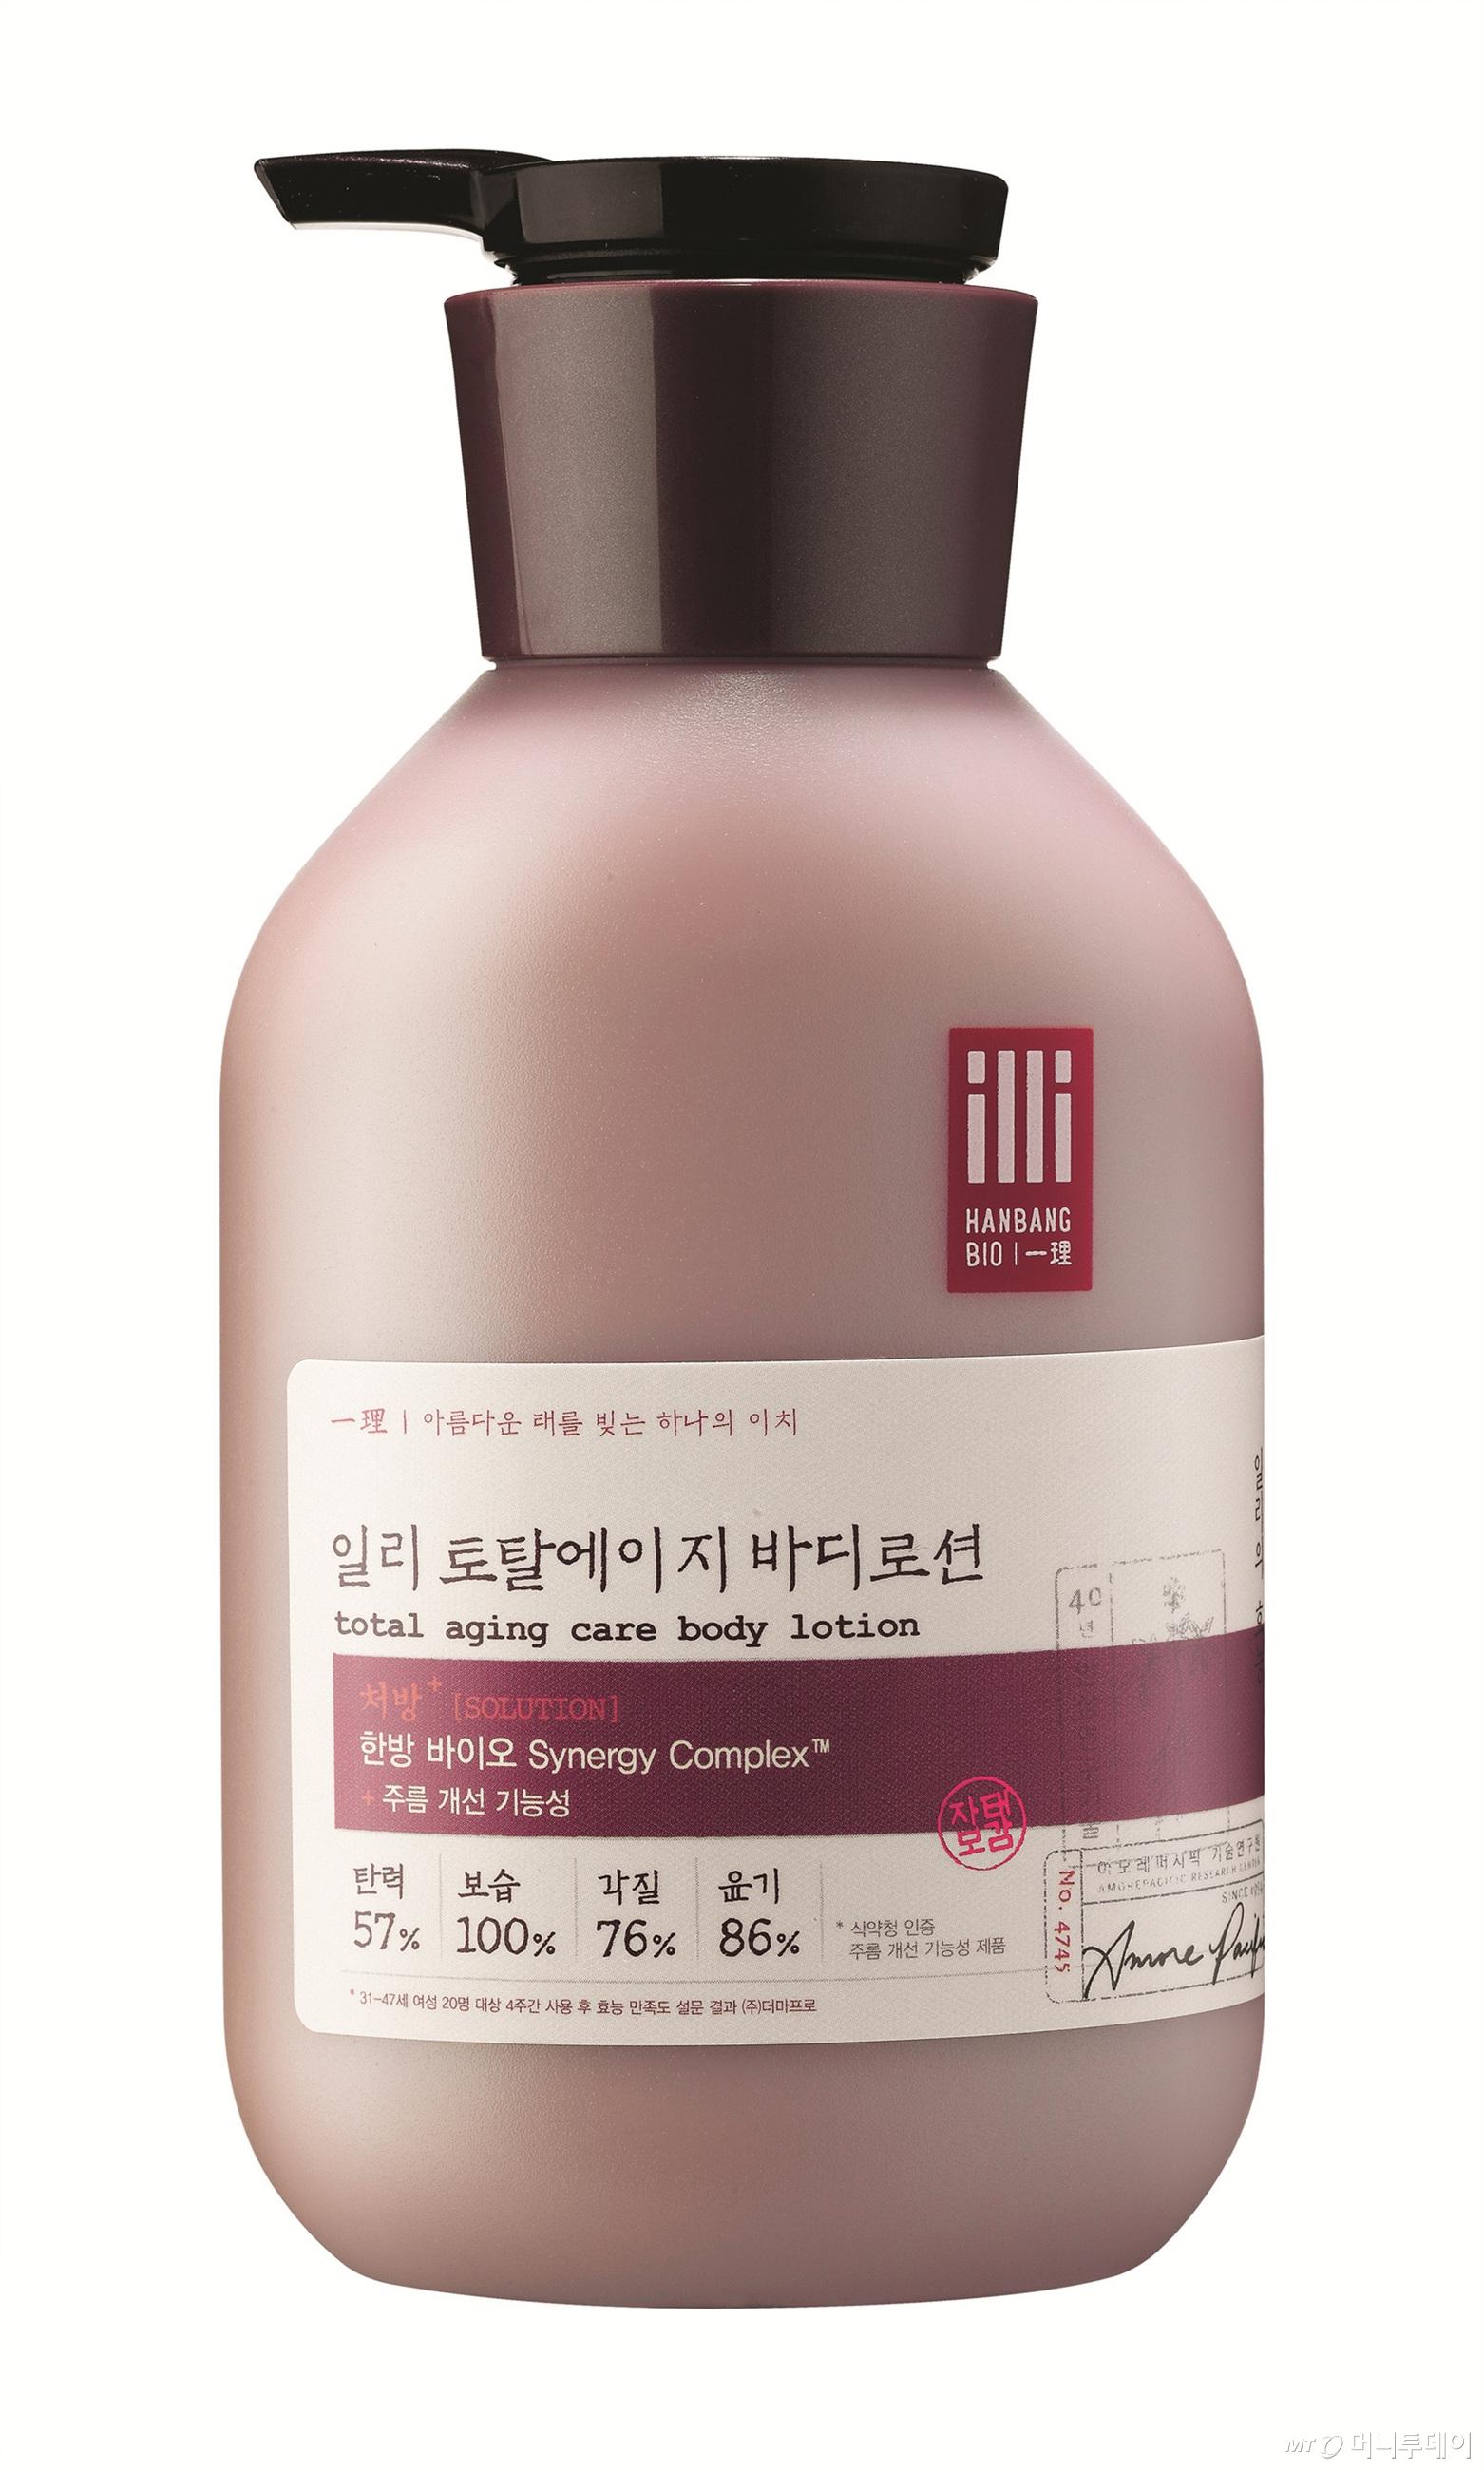 韓国で1分に一瓶売れているボディローション